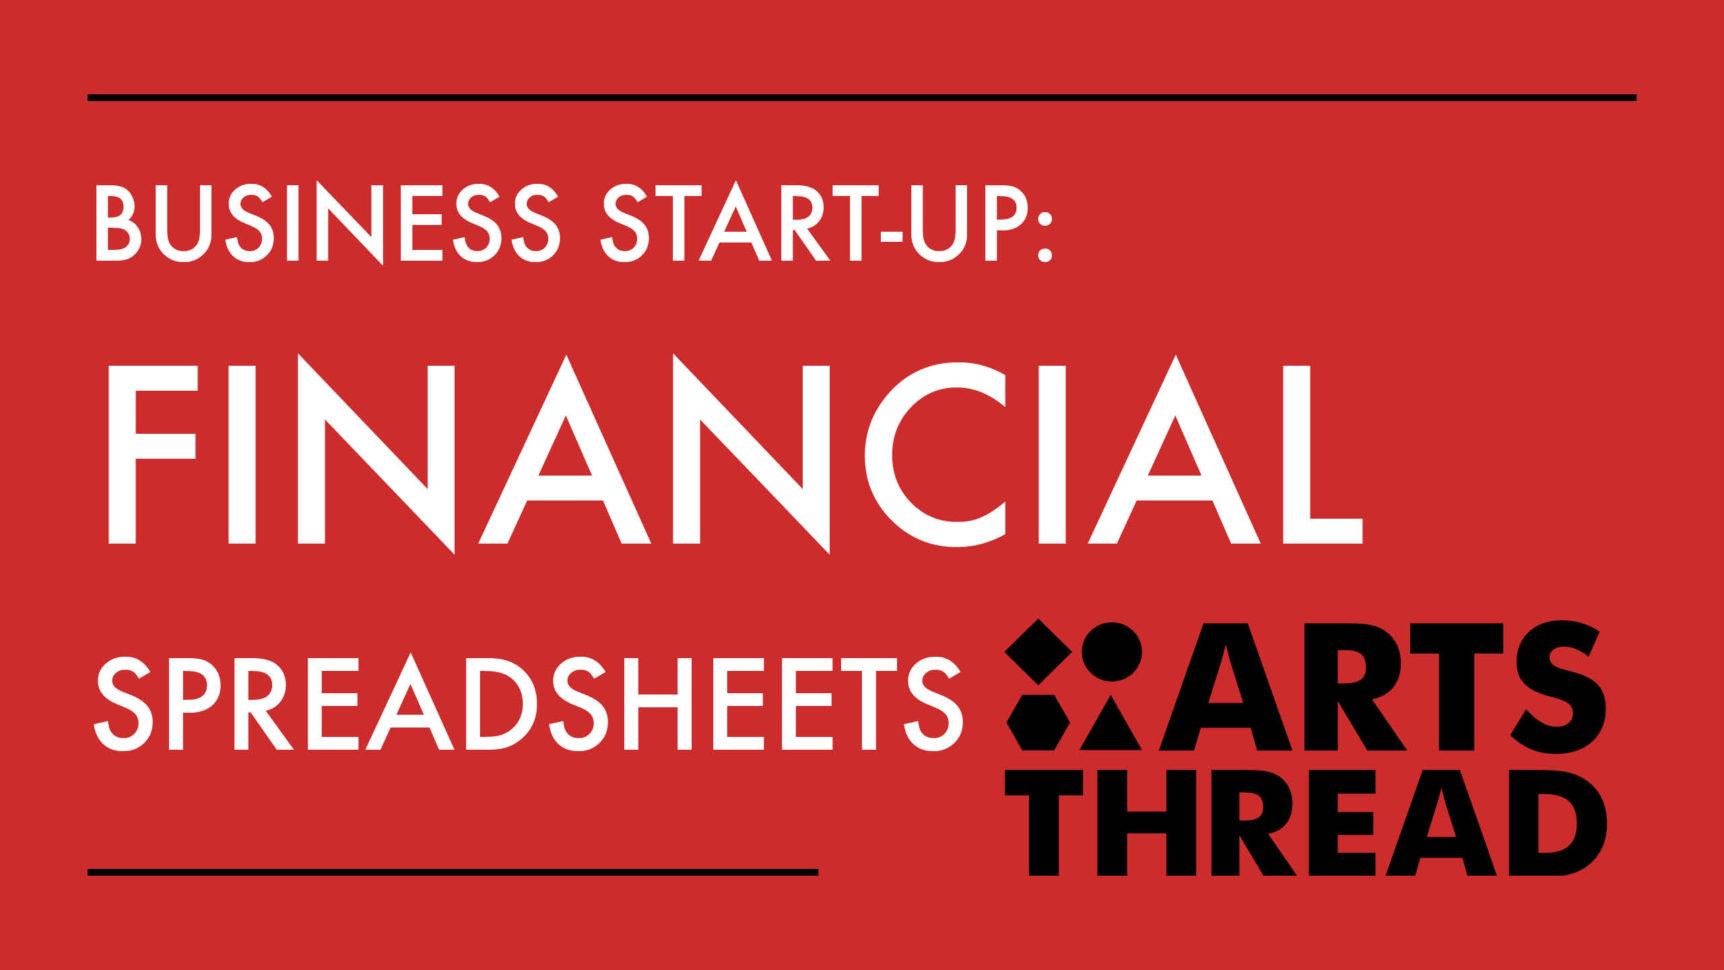 Arts Thread Business Start Up: Financial Spreadsheets Throughout Spreadsheets For Business